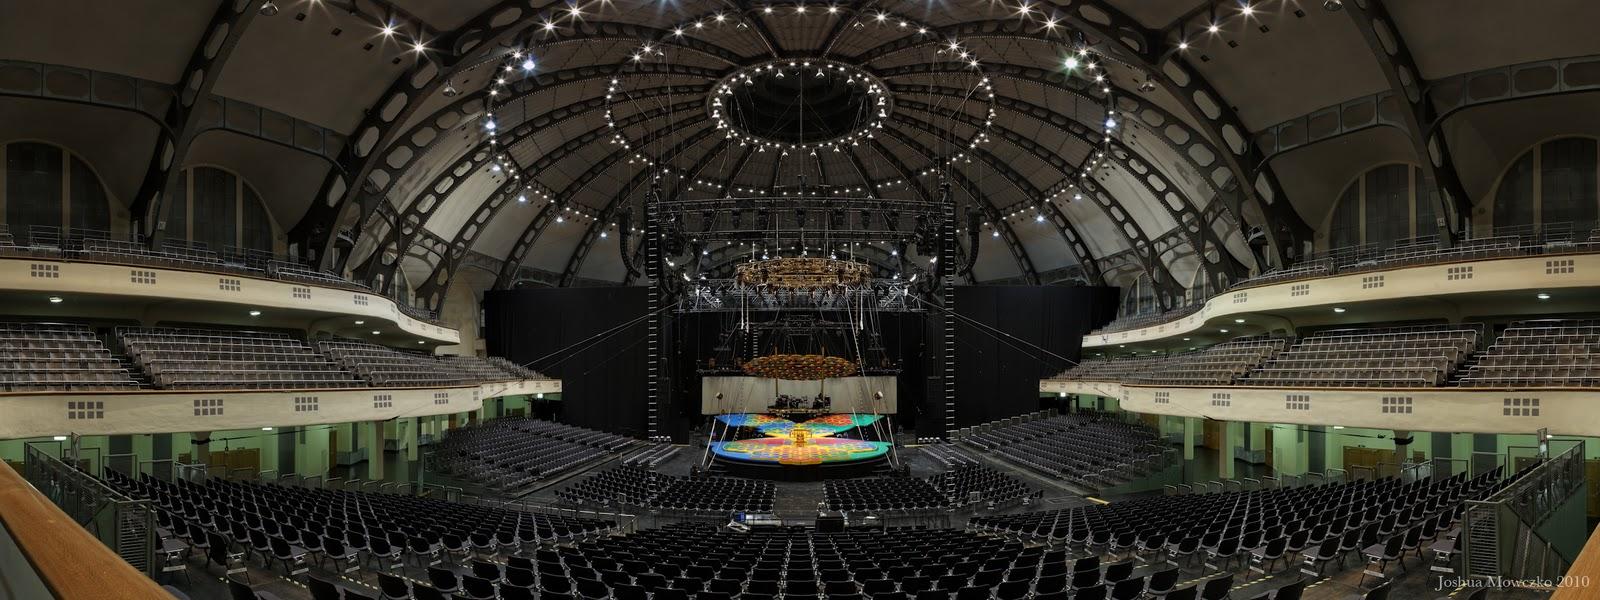 Festhalle Frankfurt Innenraum